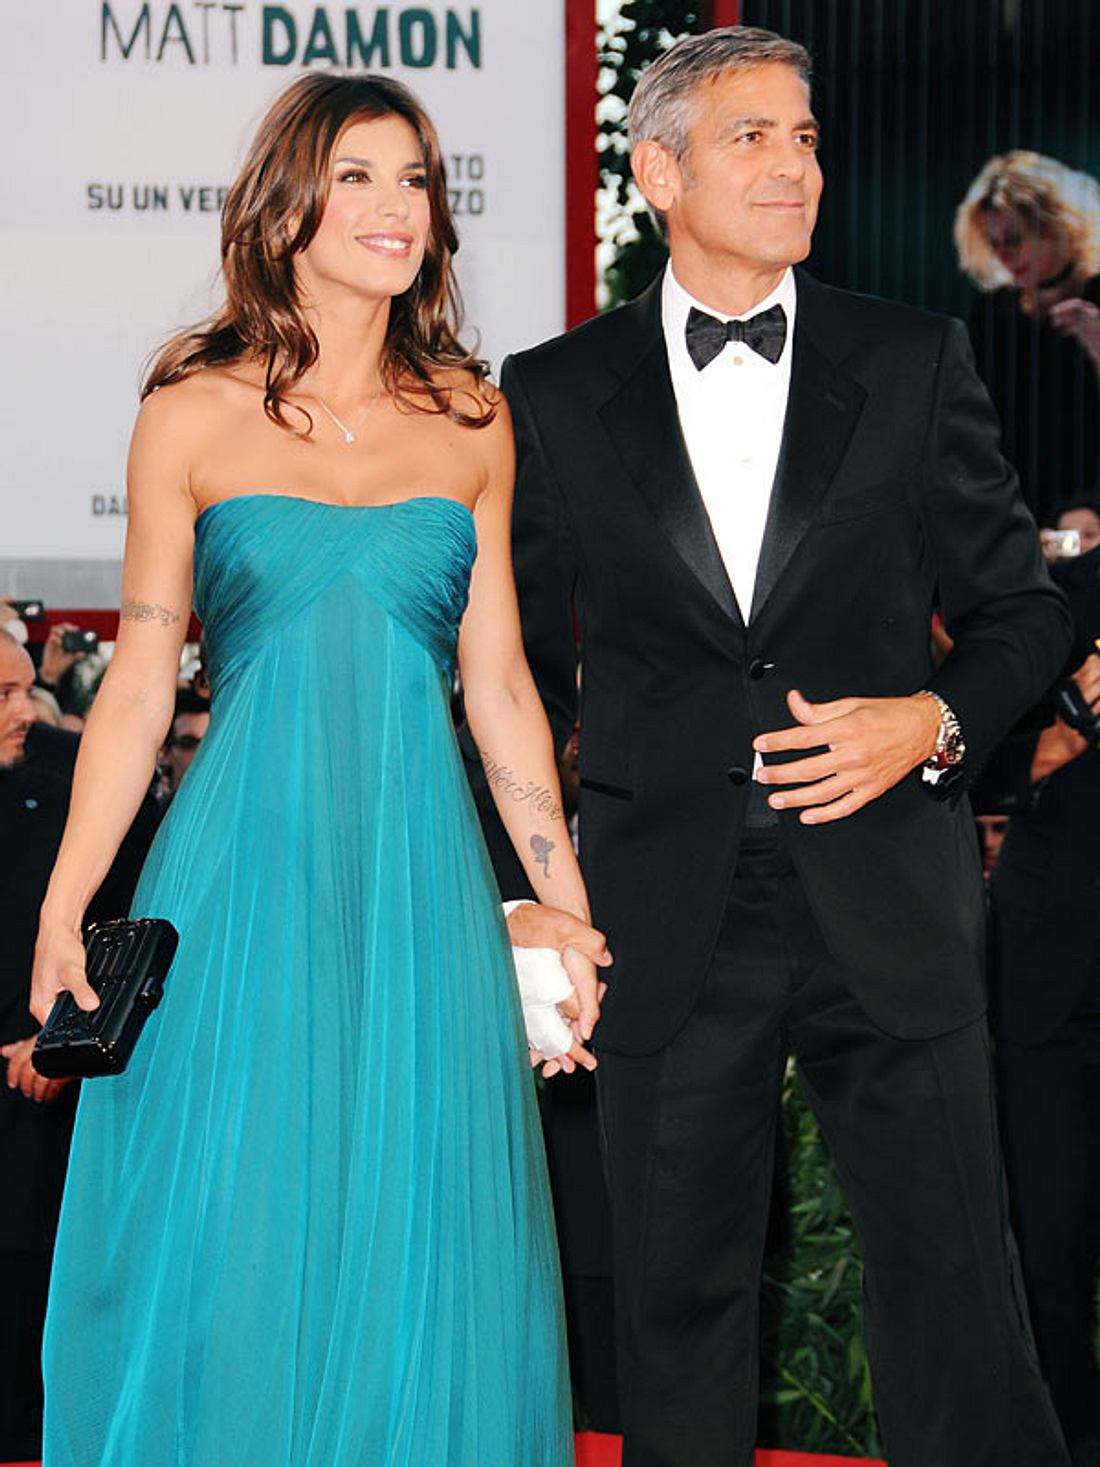 Ist Frauenliebling George Clooney etwa wieder solo?